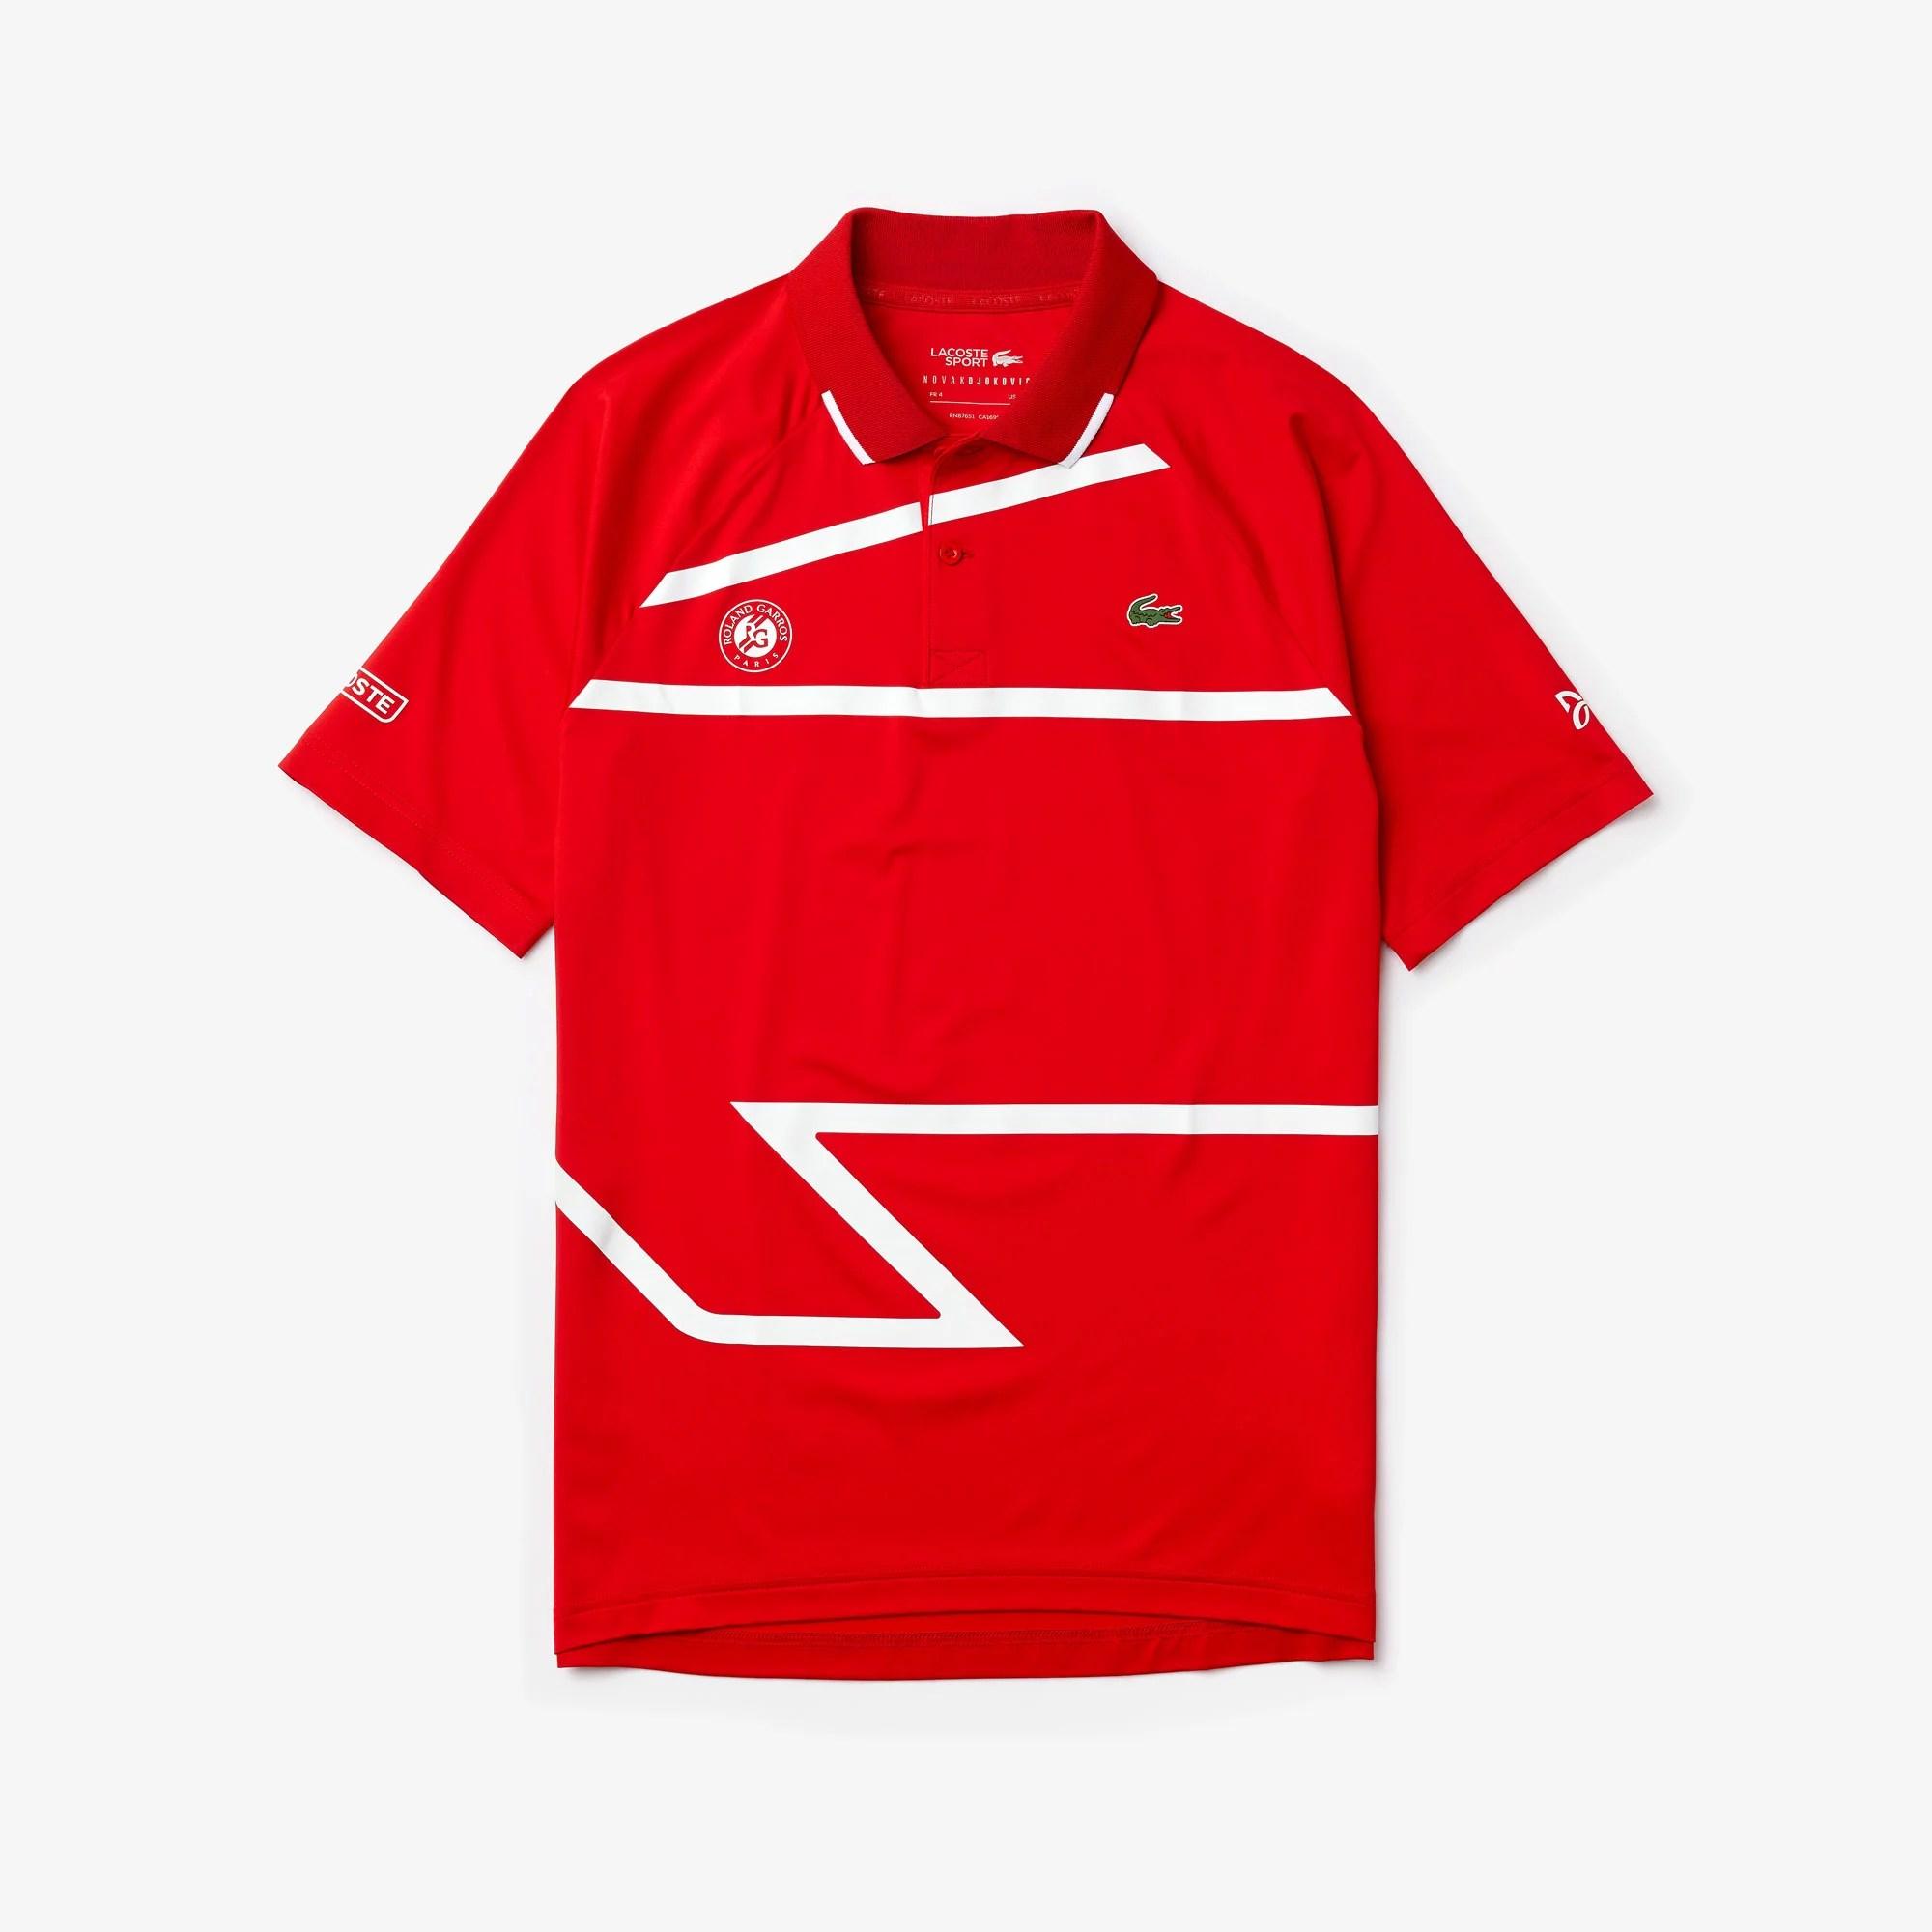 lacoste polo shirt x roland garros novak djokovic red